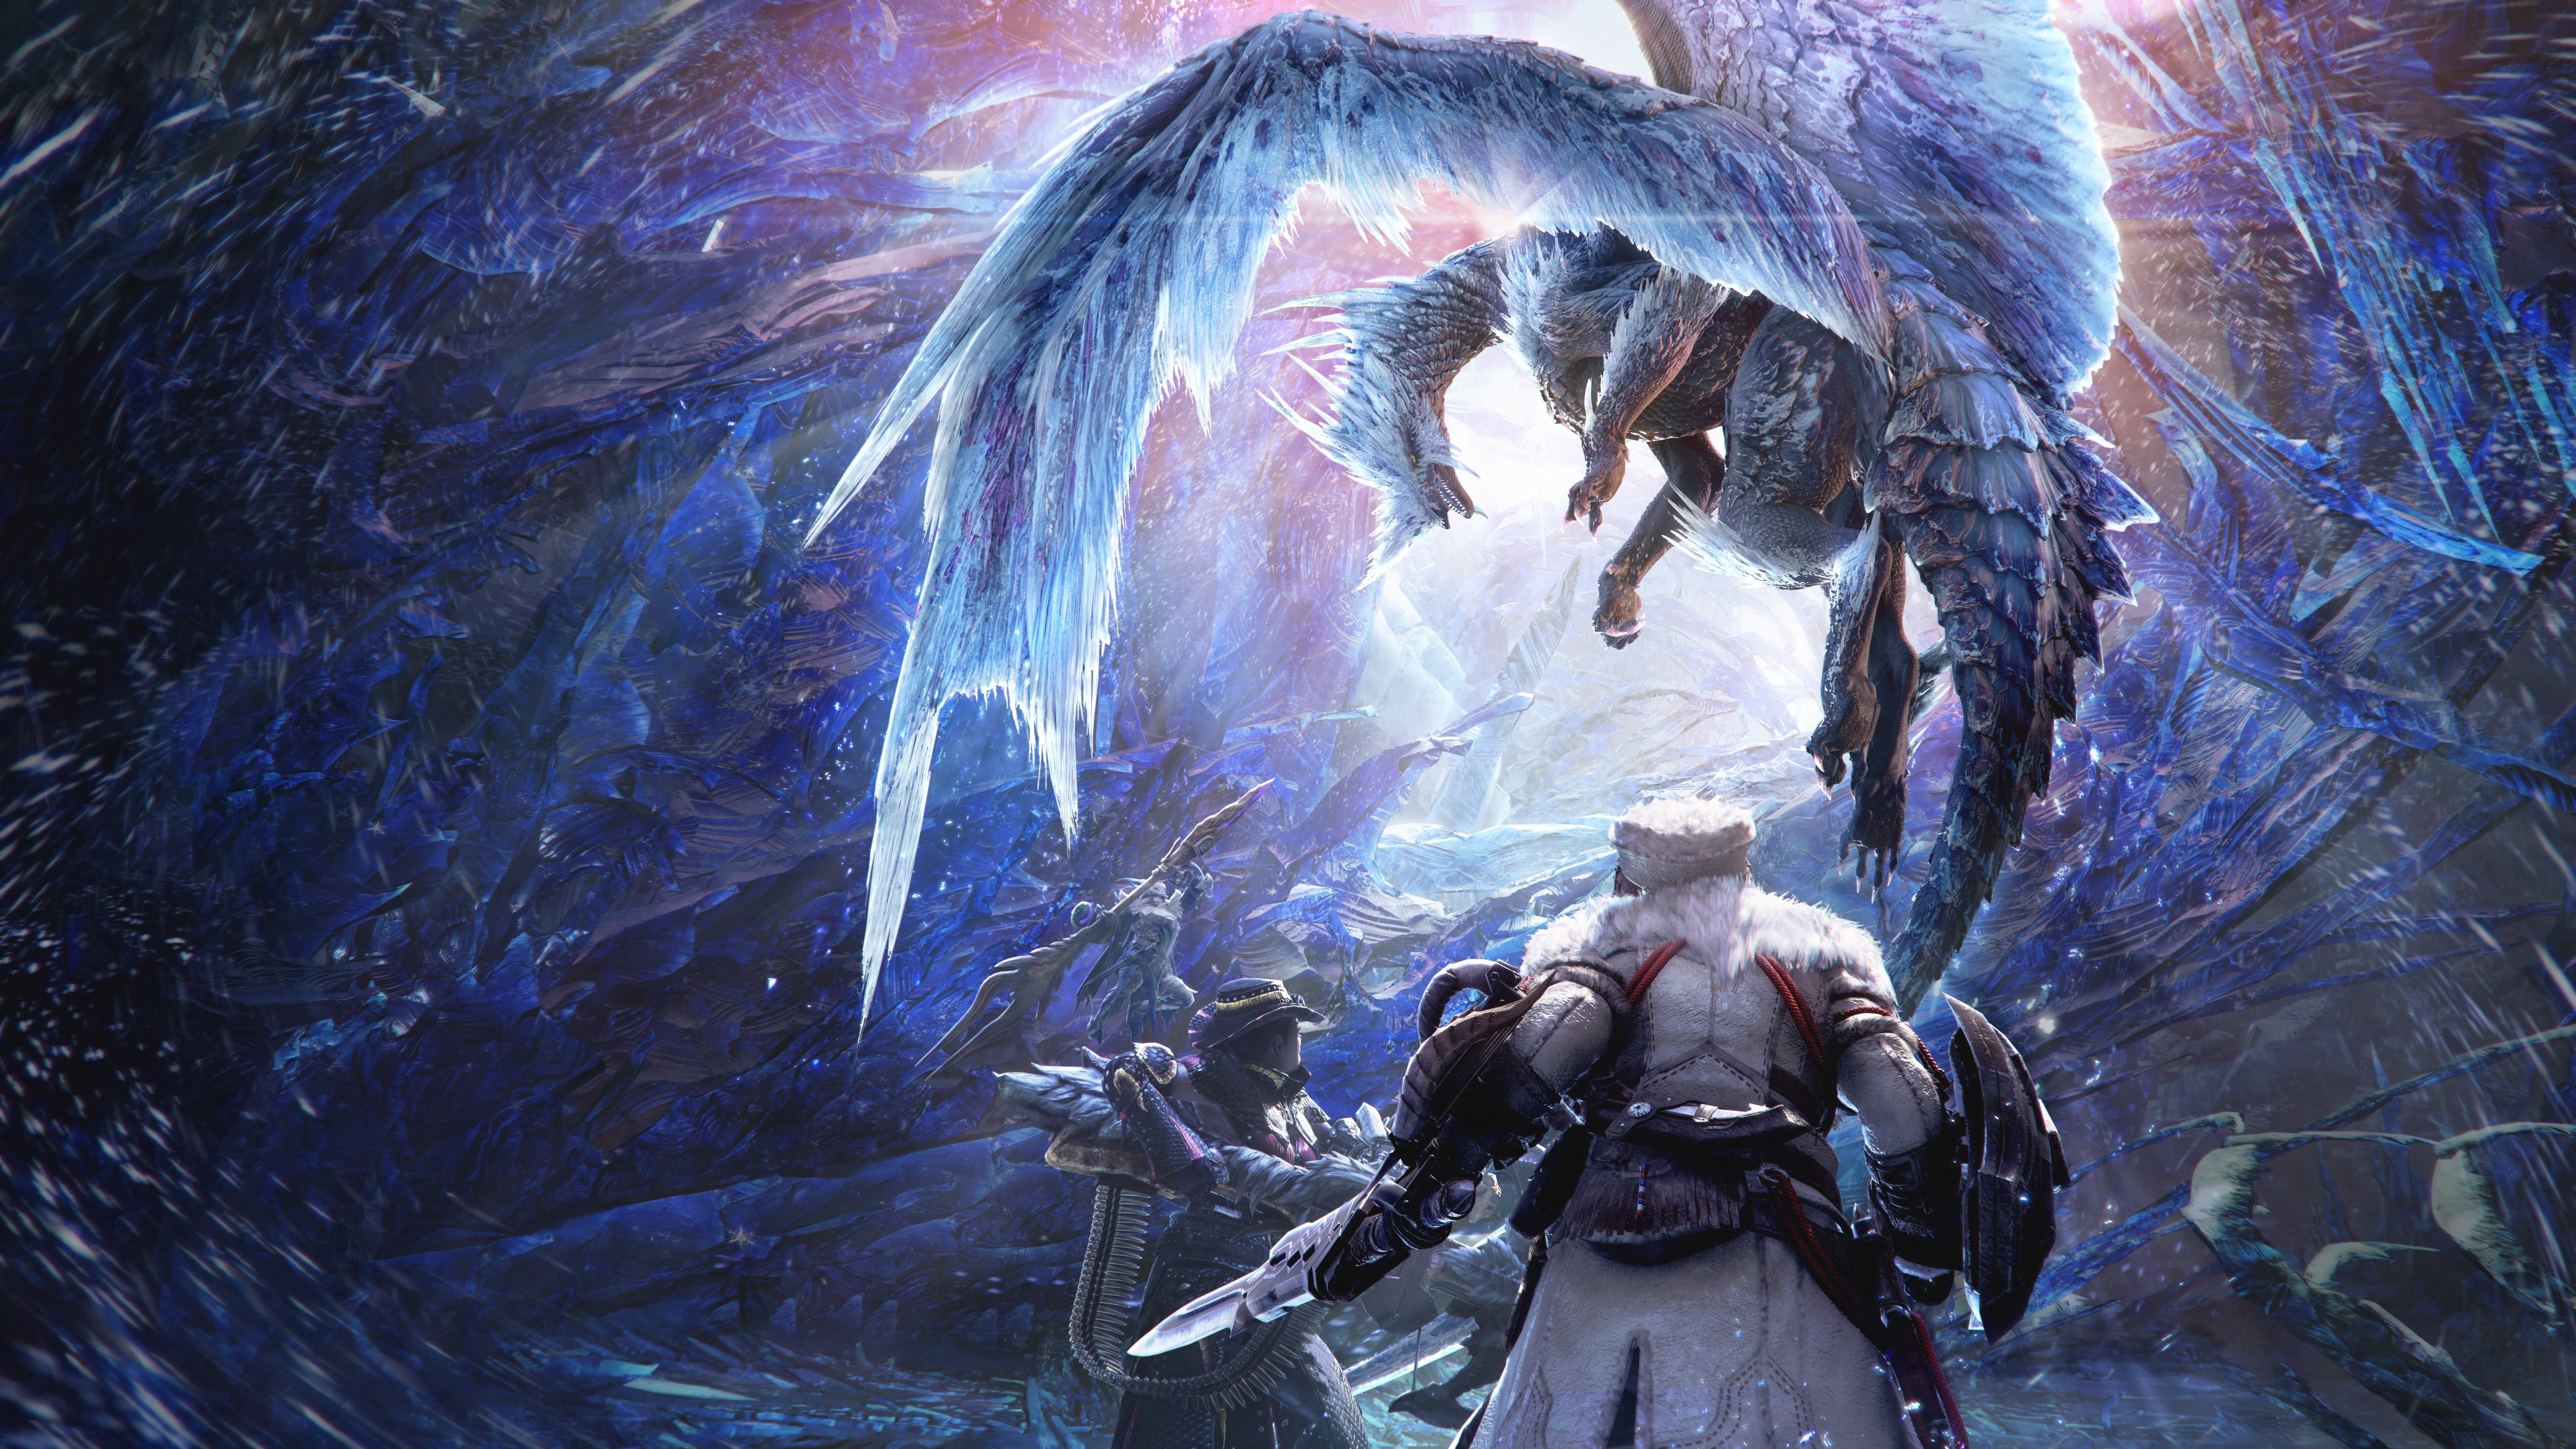 7680x4320 Monster Hunter World Iceborne 8k Hd 4k Wallpapers